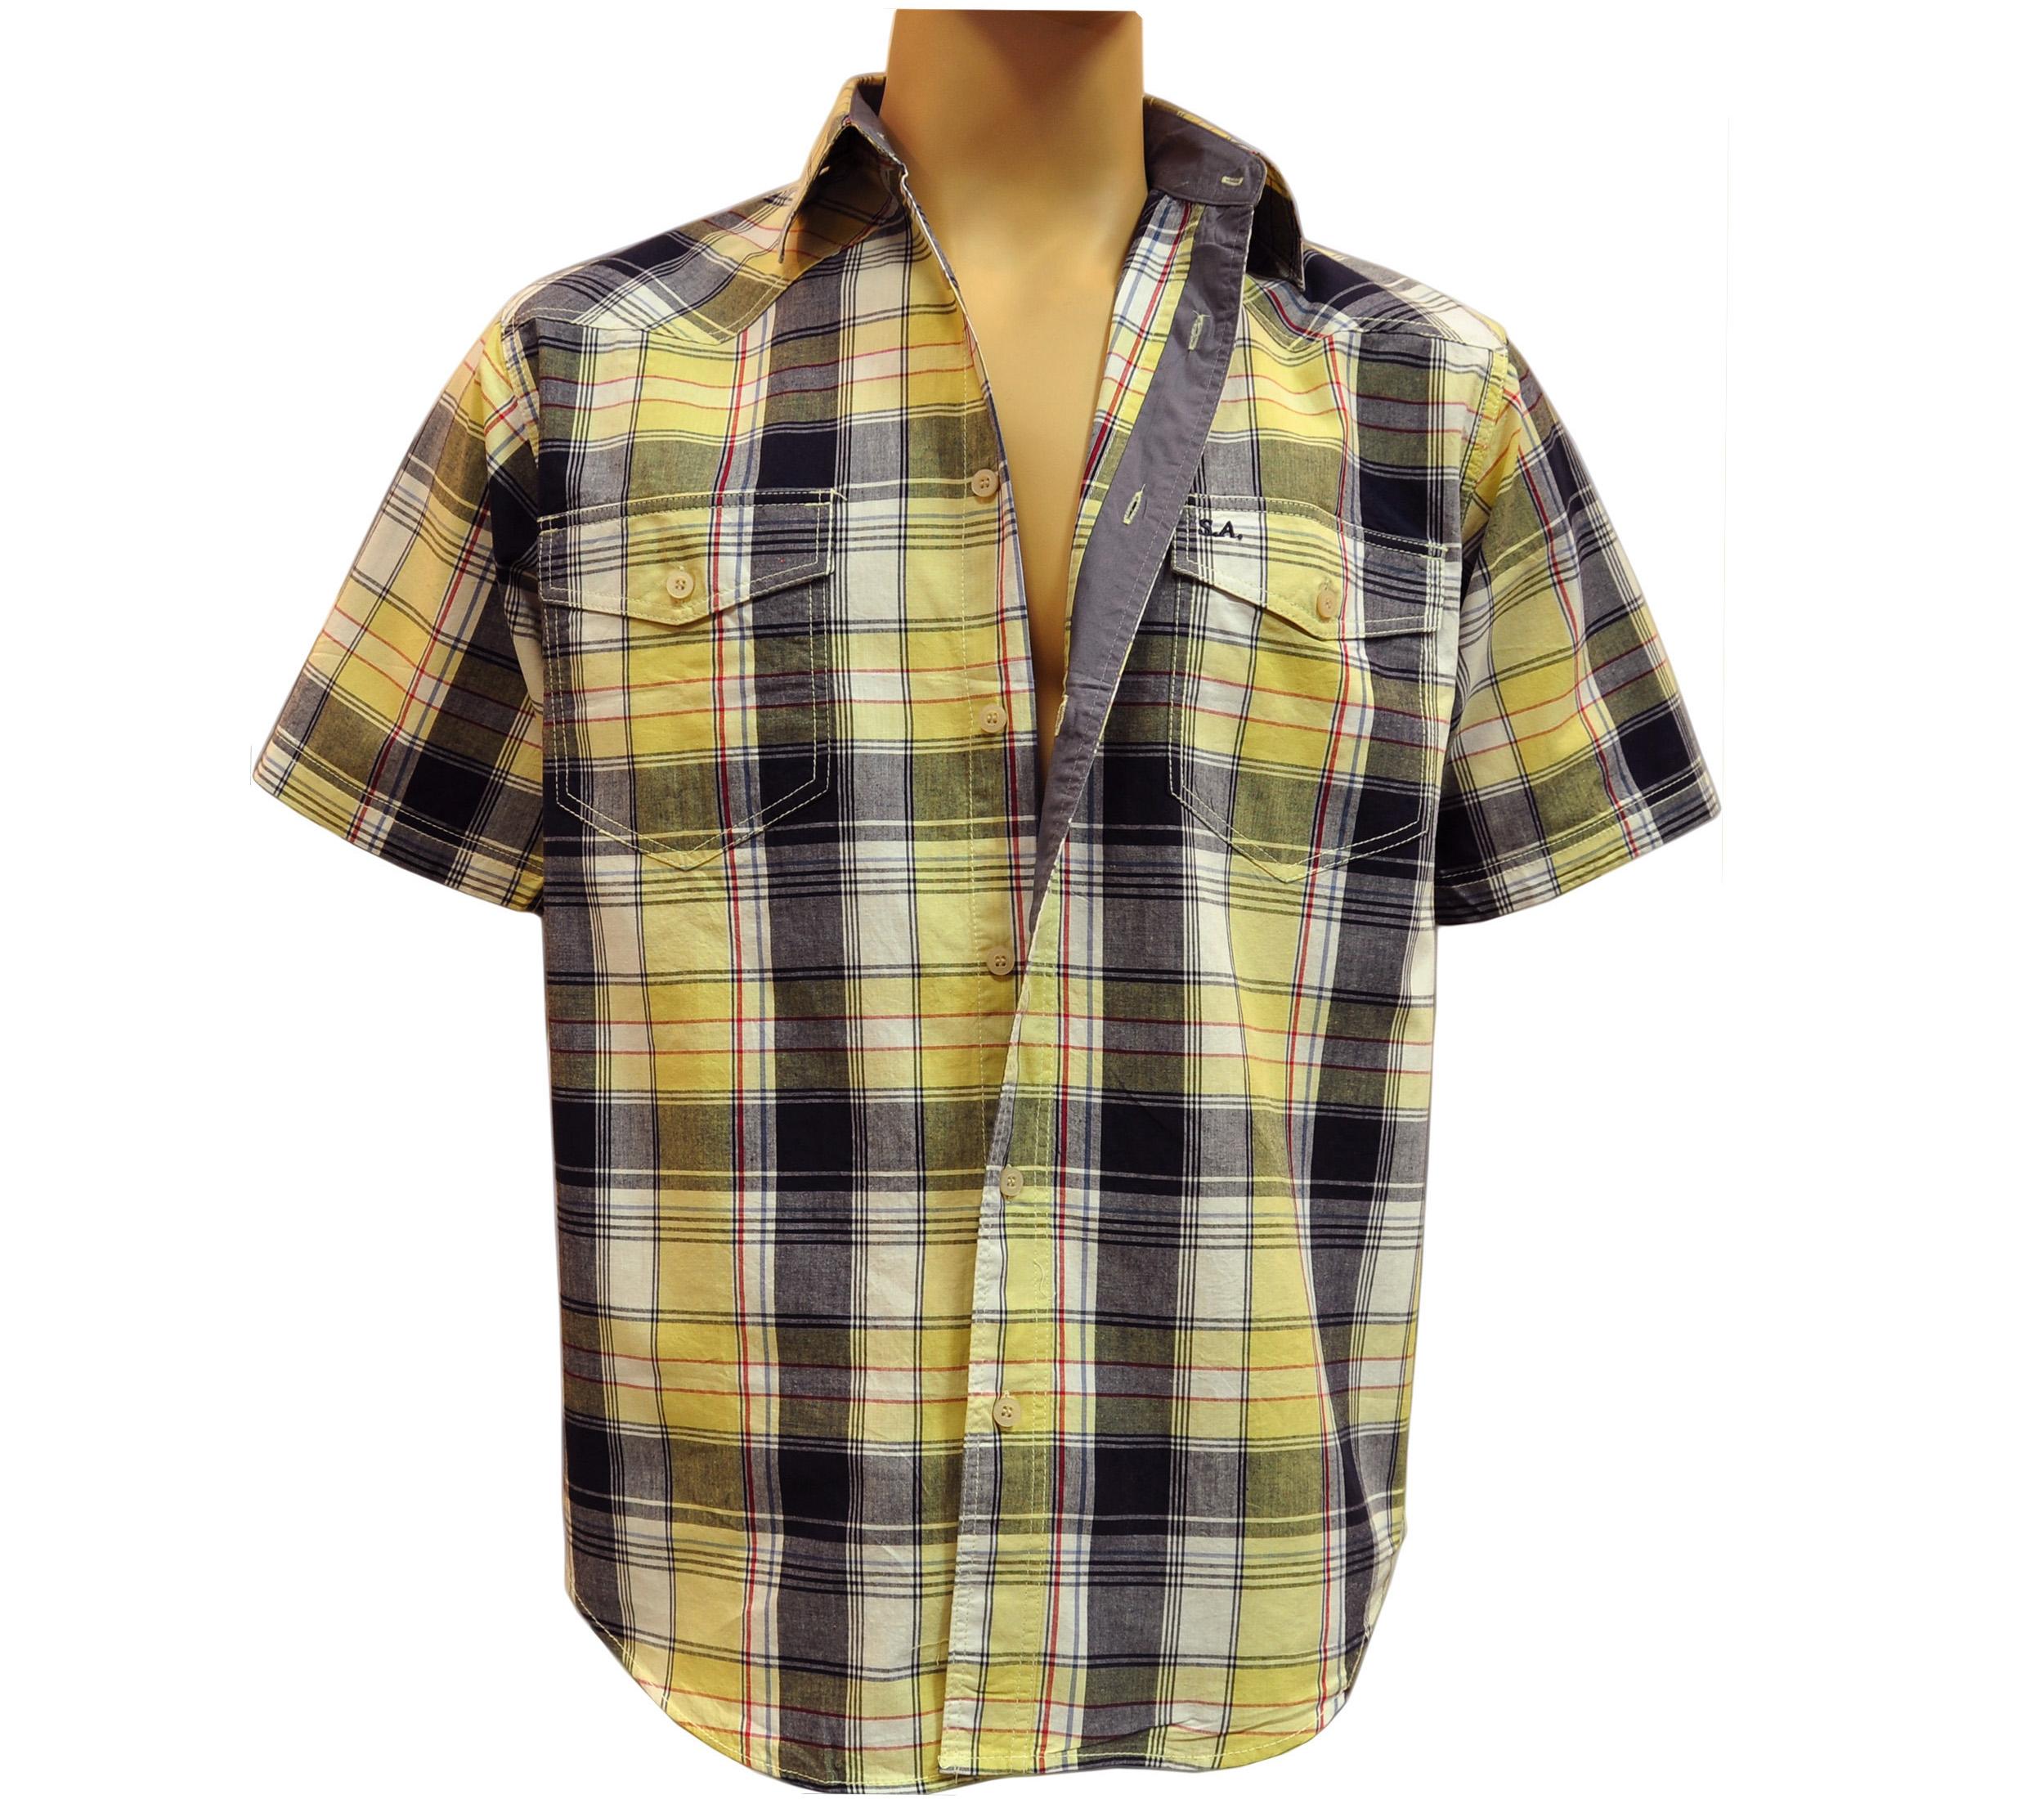 Мужская рубашка в крупную желто-синюю с зеленым оттенком клетку